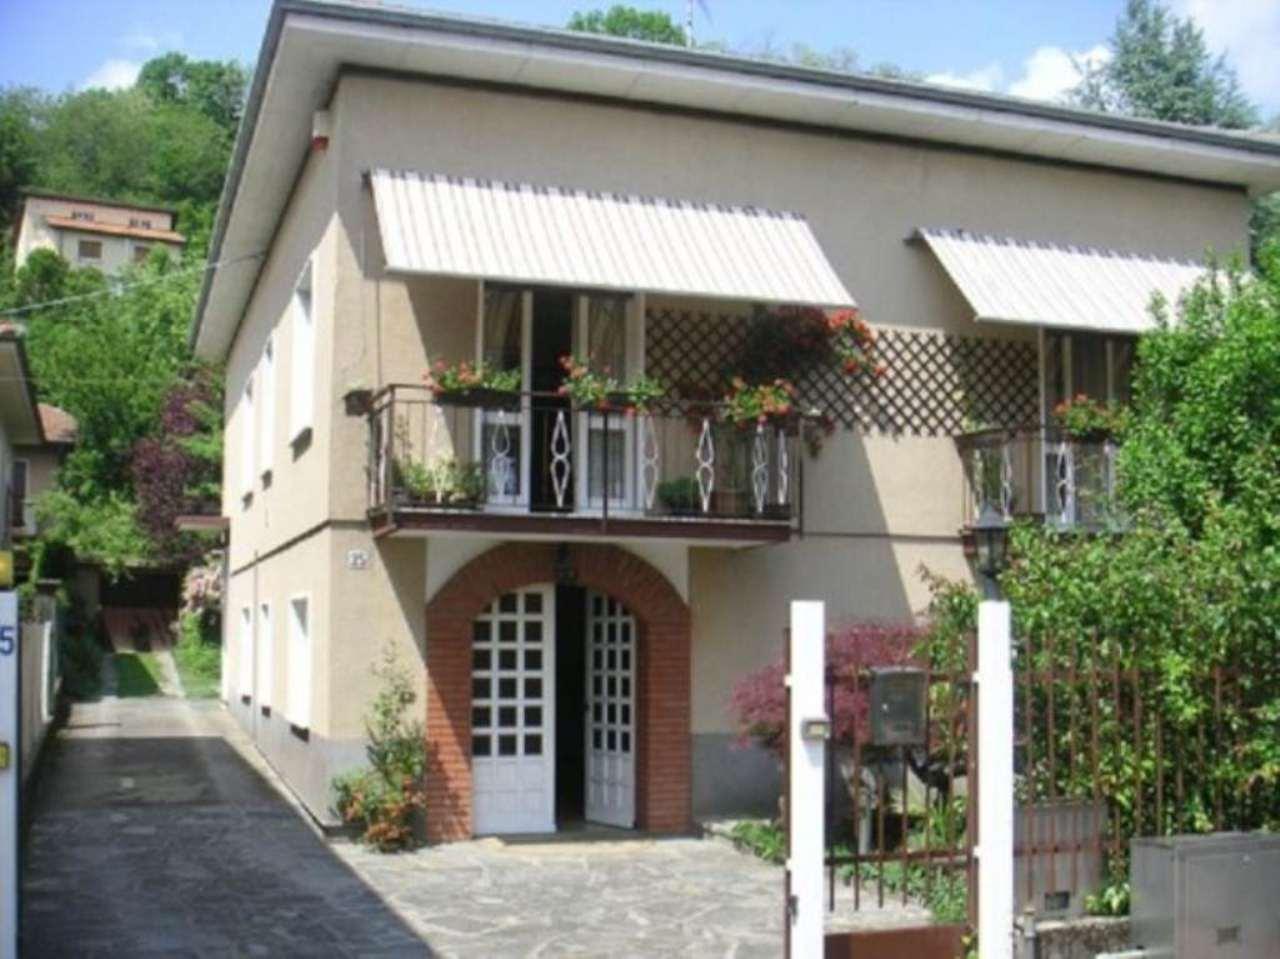 Soluzione Indipendente in vendita a Lozza, 7 locali, prezzo € 258.000 | Cambio Casa.it